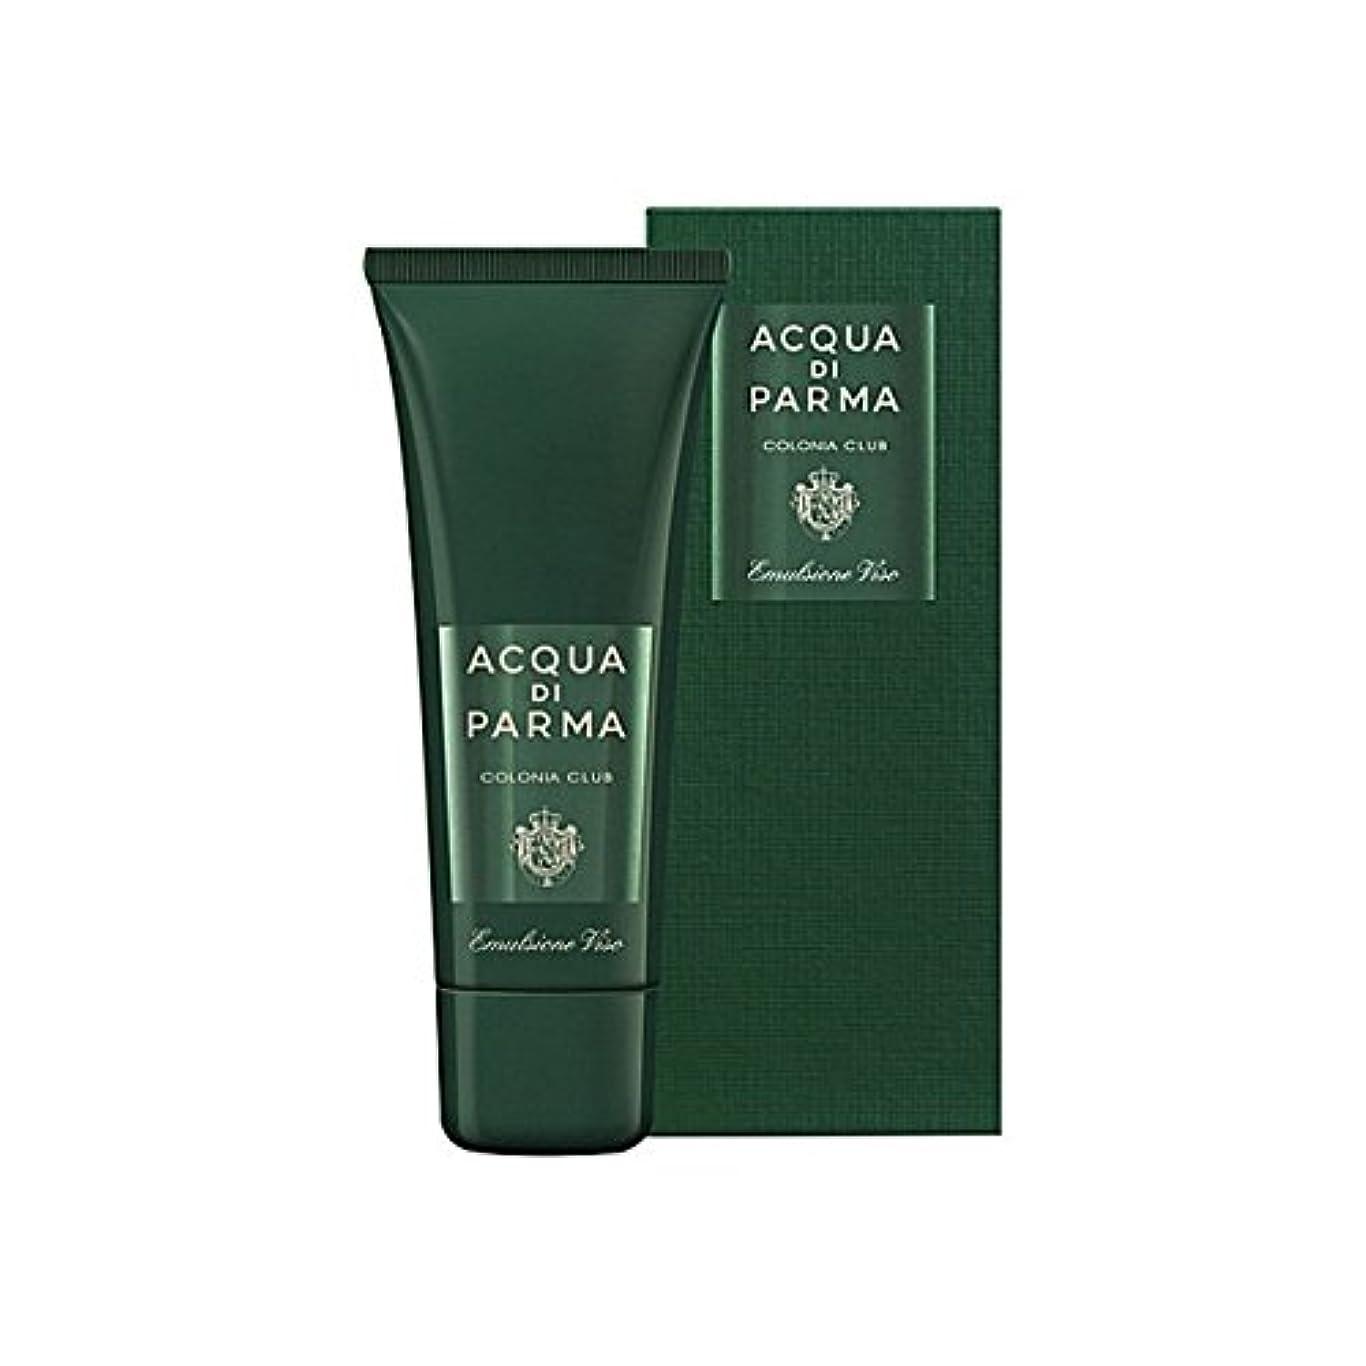 課税ガウン間アクアディパルマコロニアクラブフェースエマルジョン75ミリリットル x2 - Acqua Di Parma Colonia Club Face Emulsion 75ml (Pack of 2) [並行輸入品]